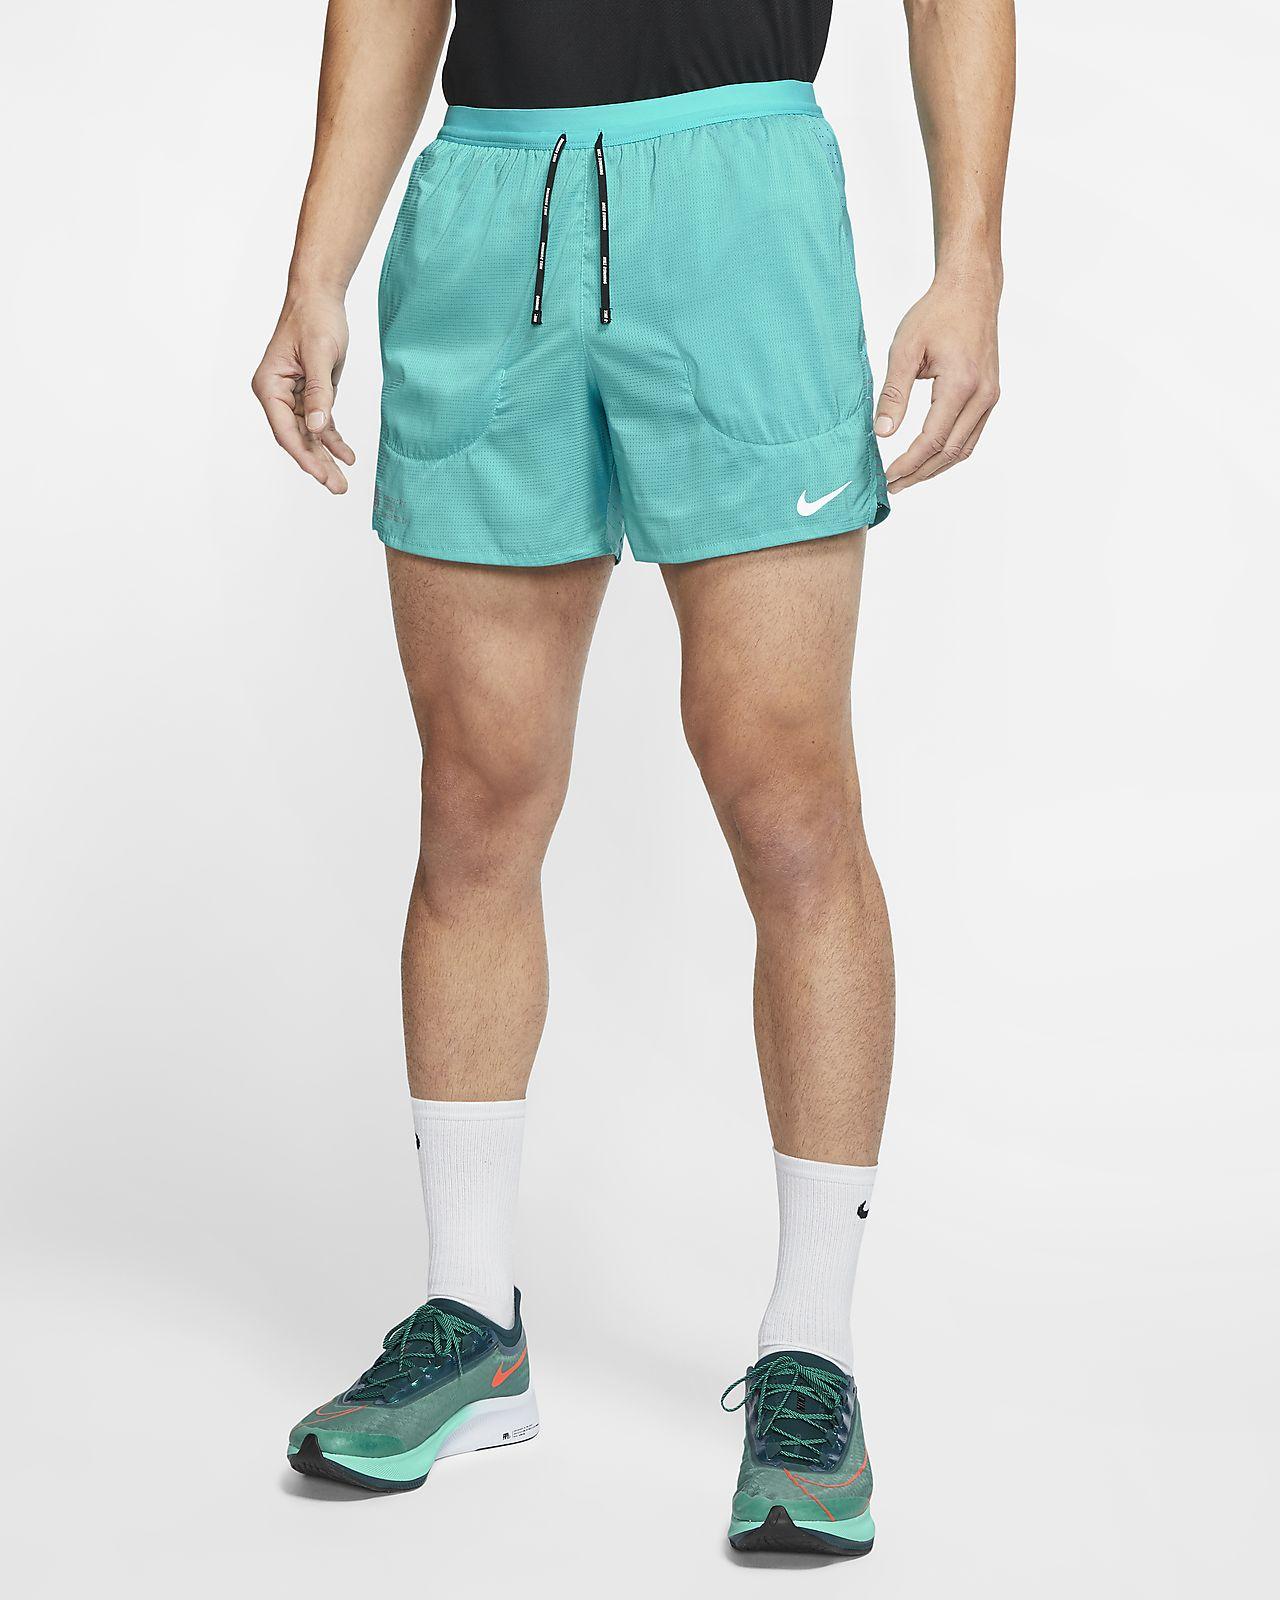 Calções de running forrados com slip de 13 cm Nike Flex Stride Future Fast para homem